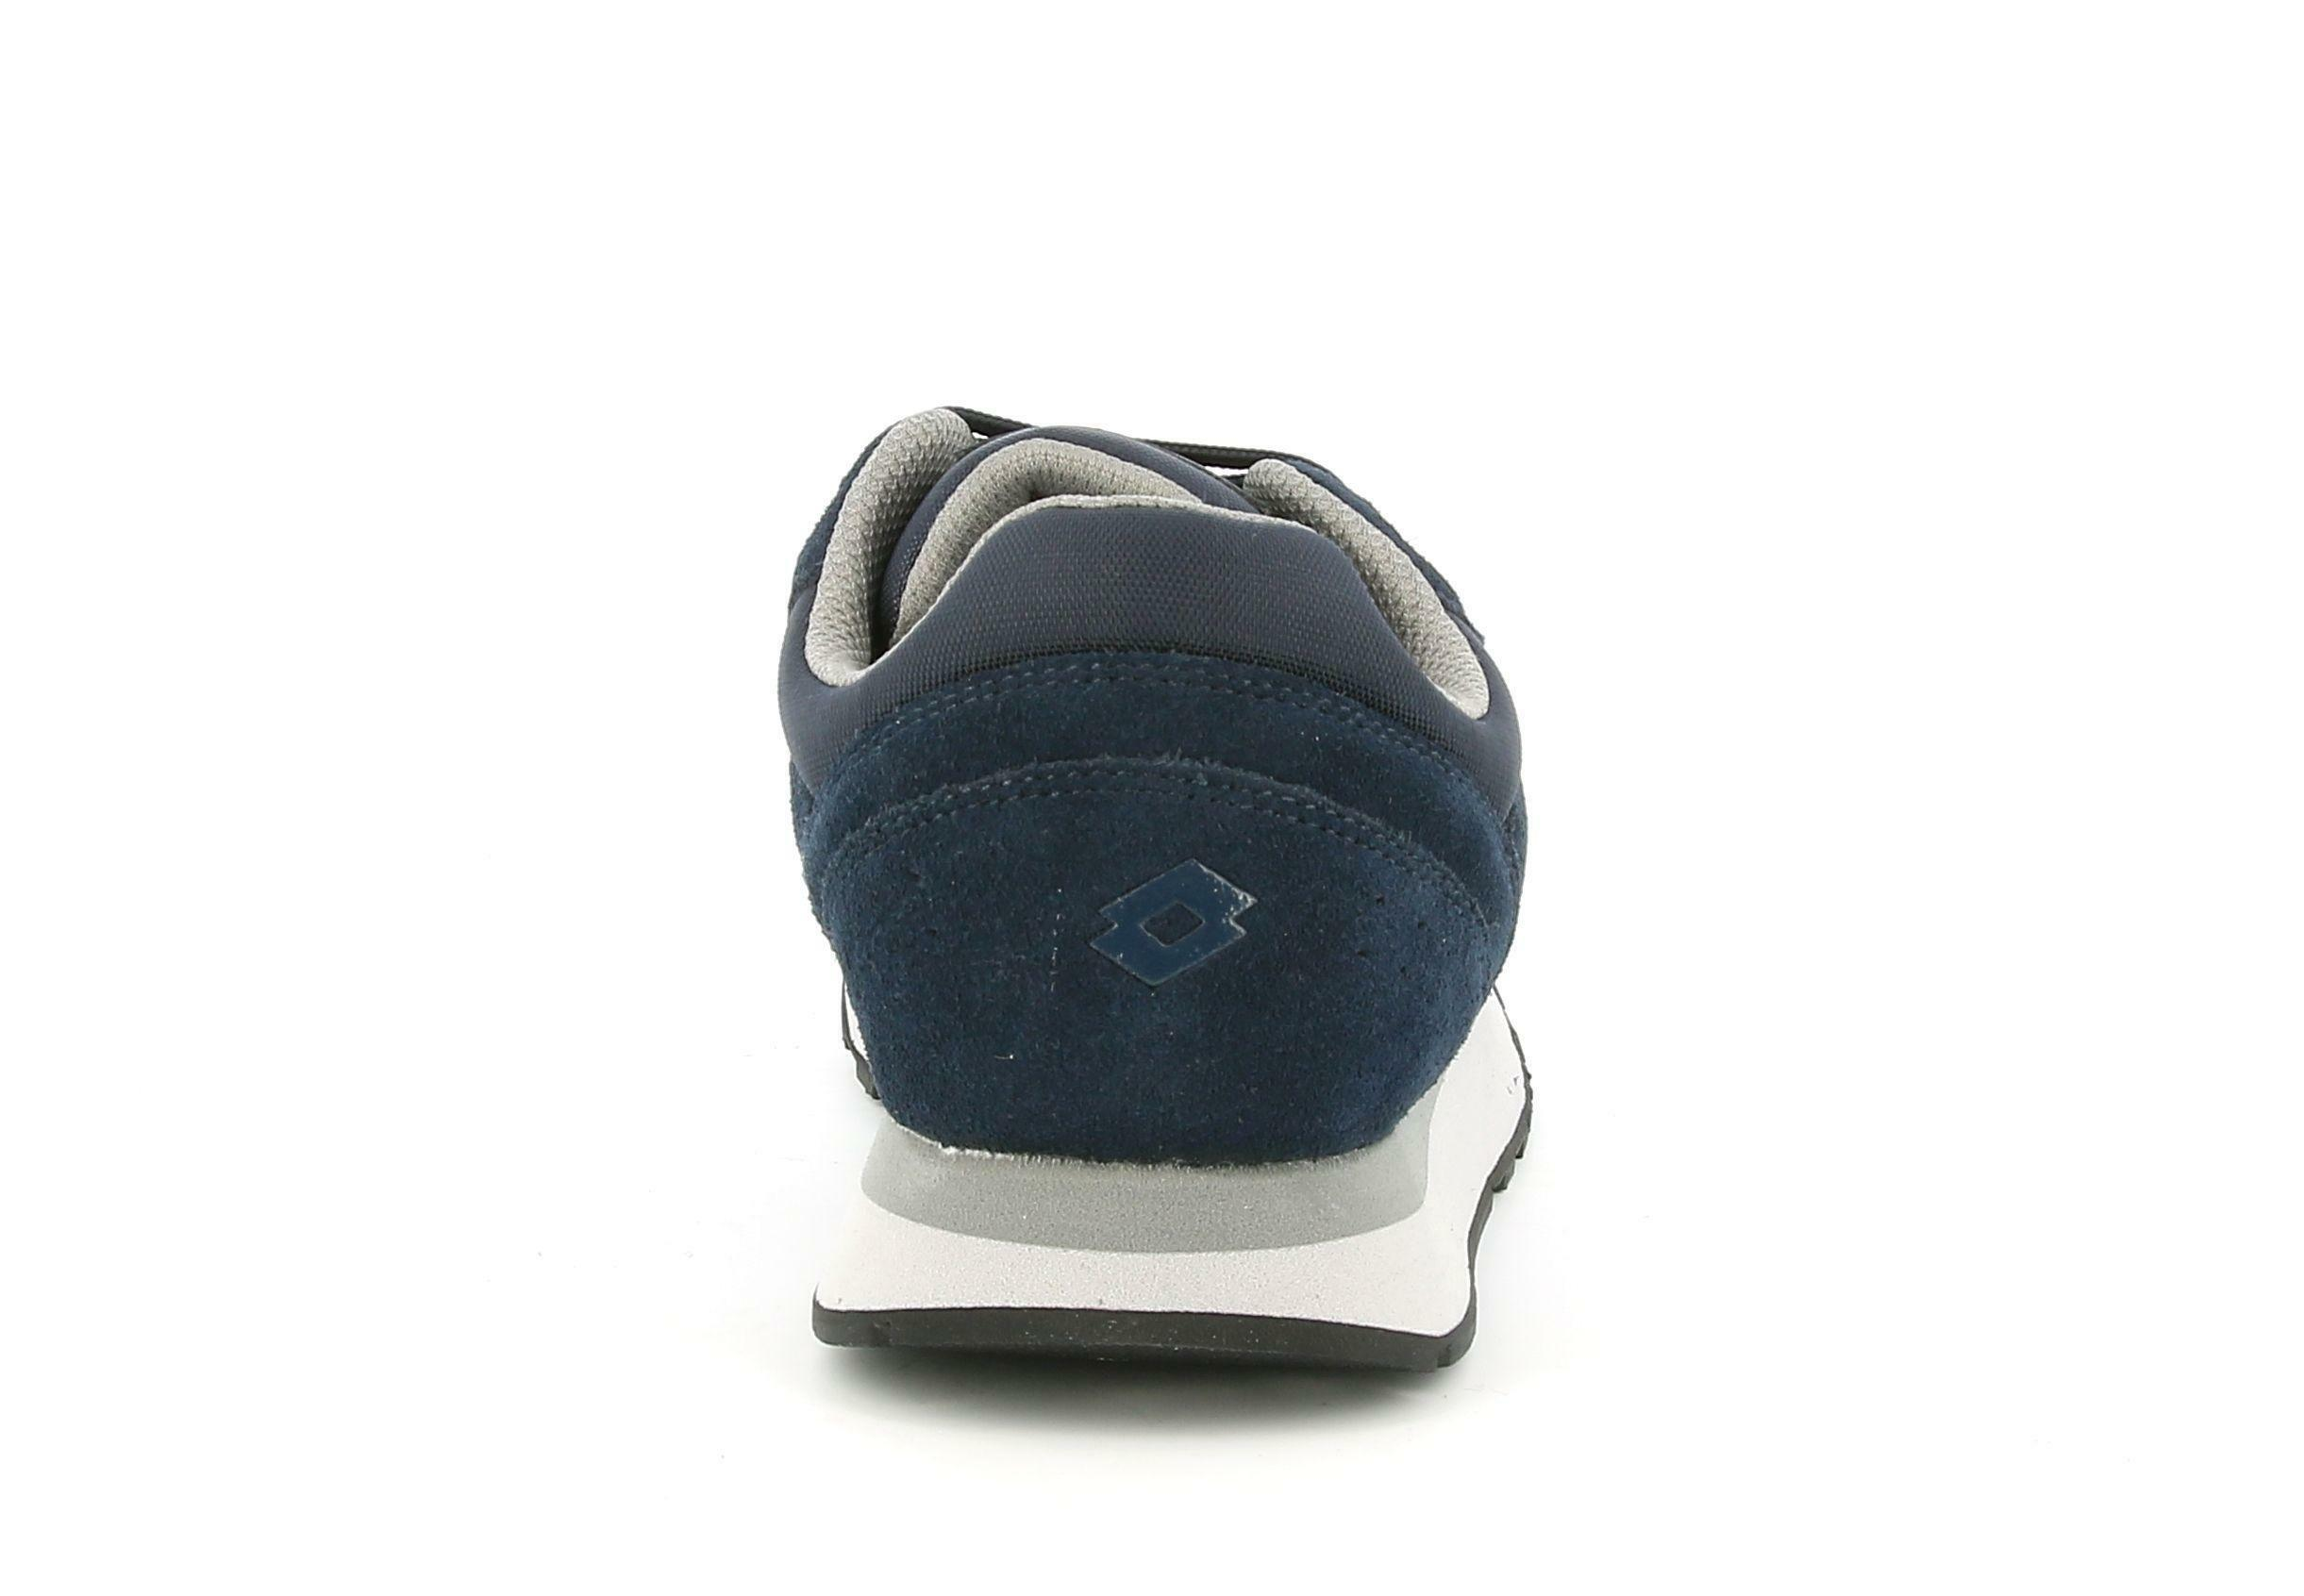 lotto lotto trainer xvi sue 214673 blu scarpa sportiva uomo